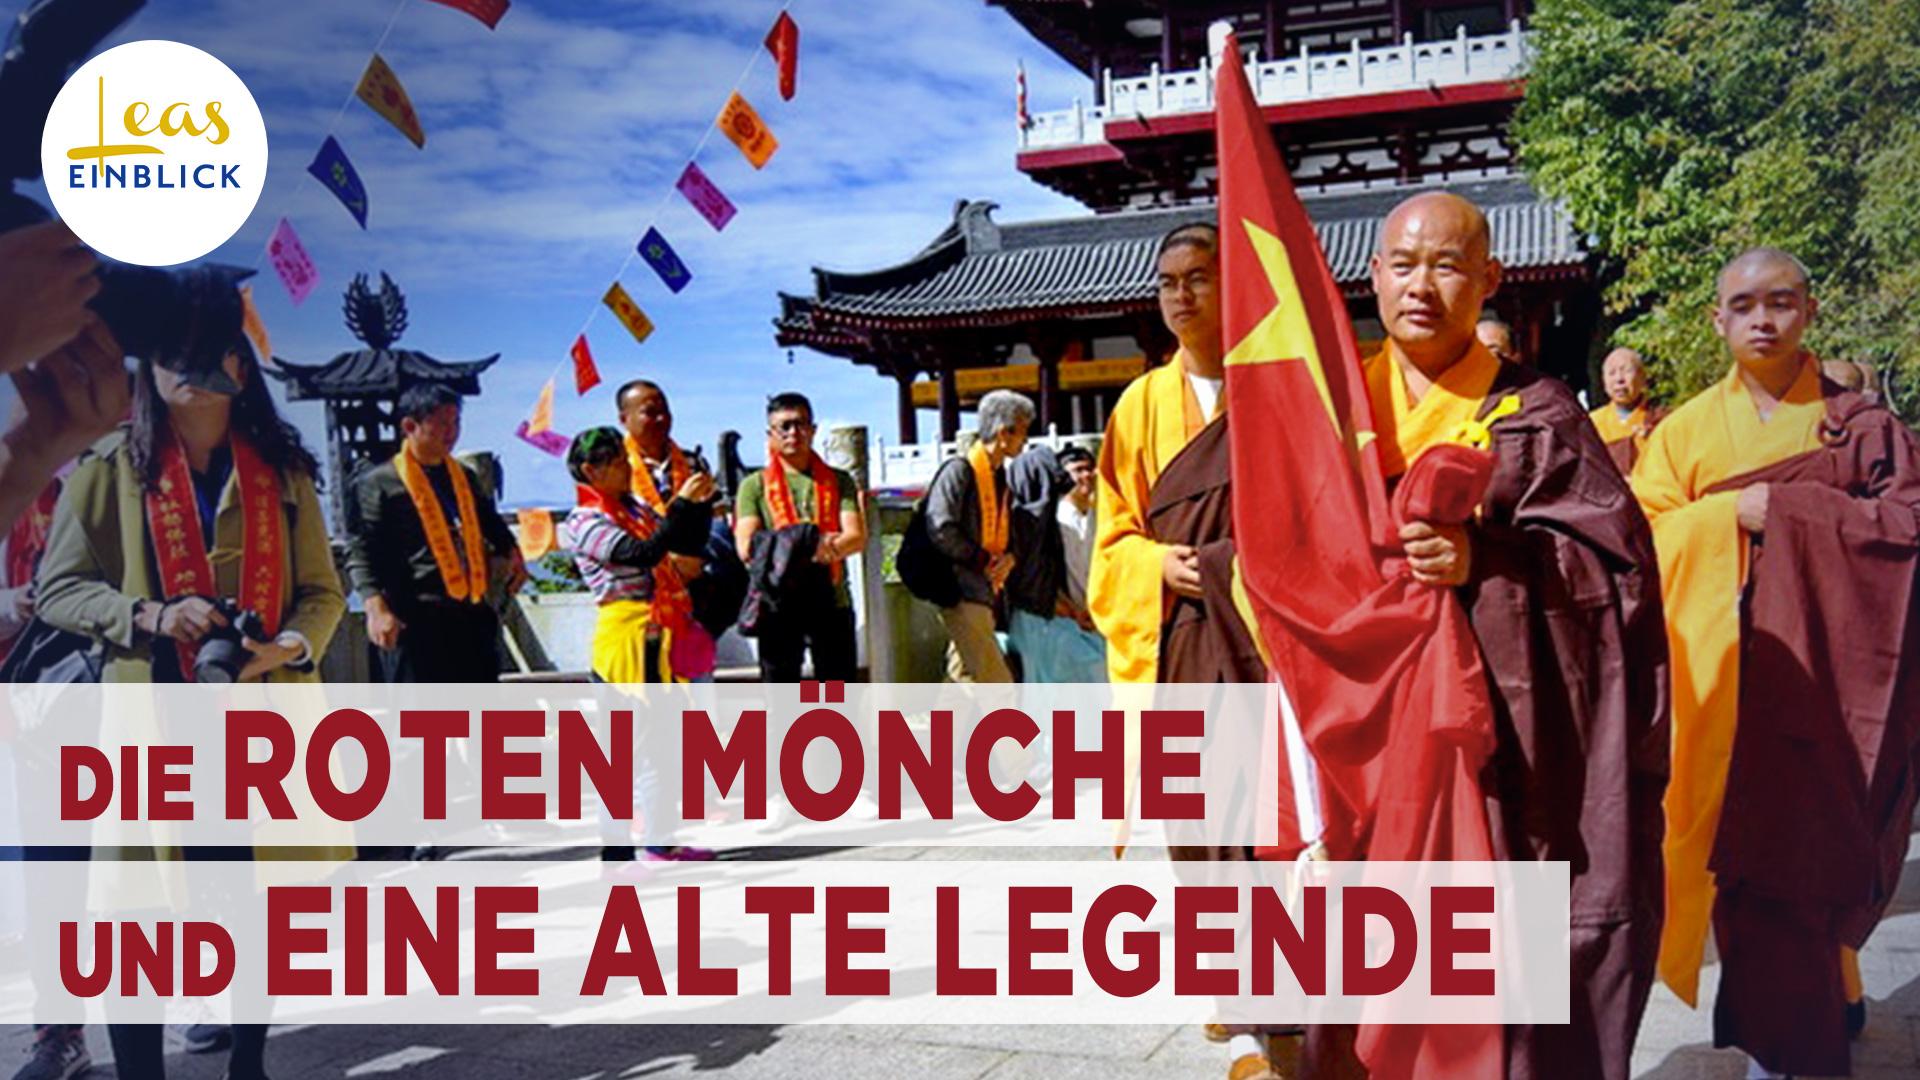 Die roten Mönche und die alte Legende